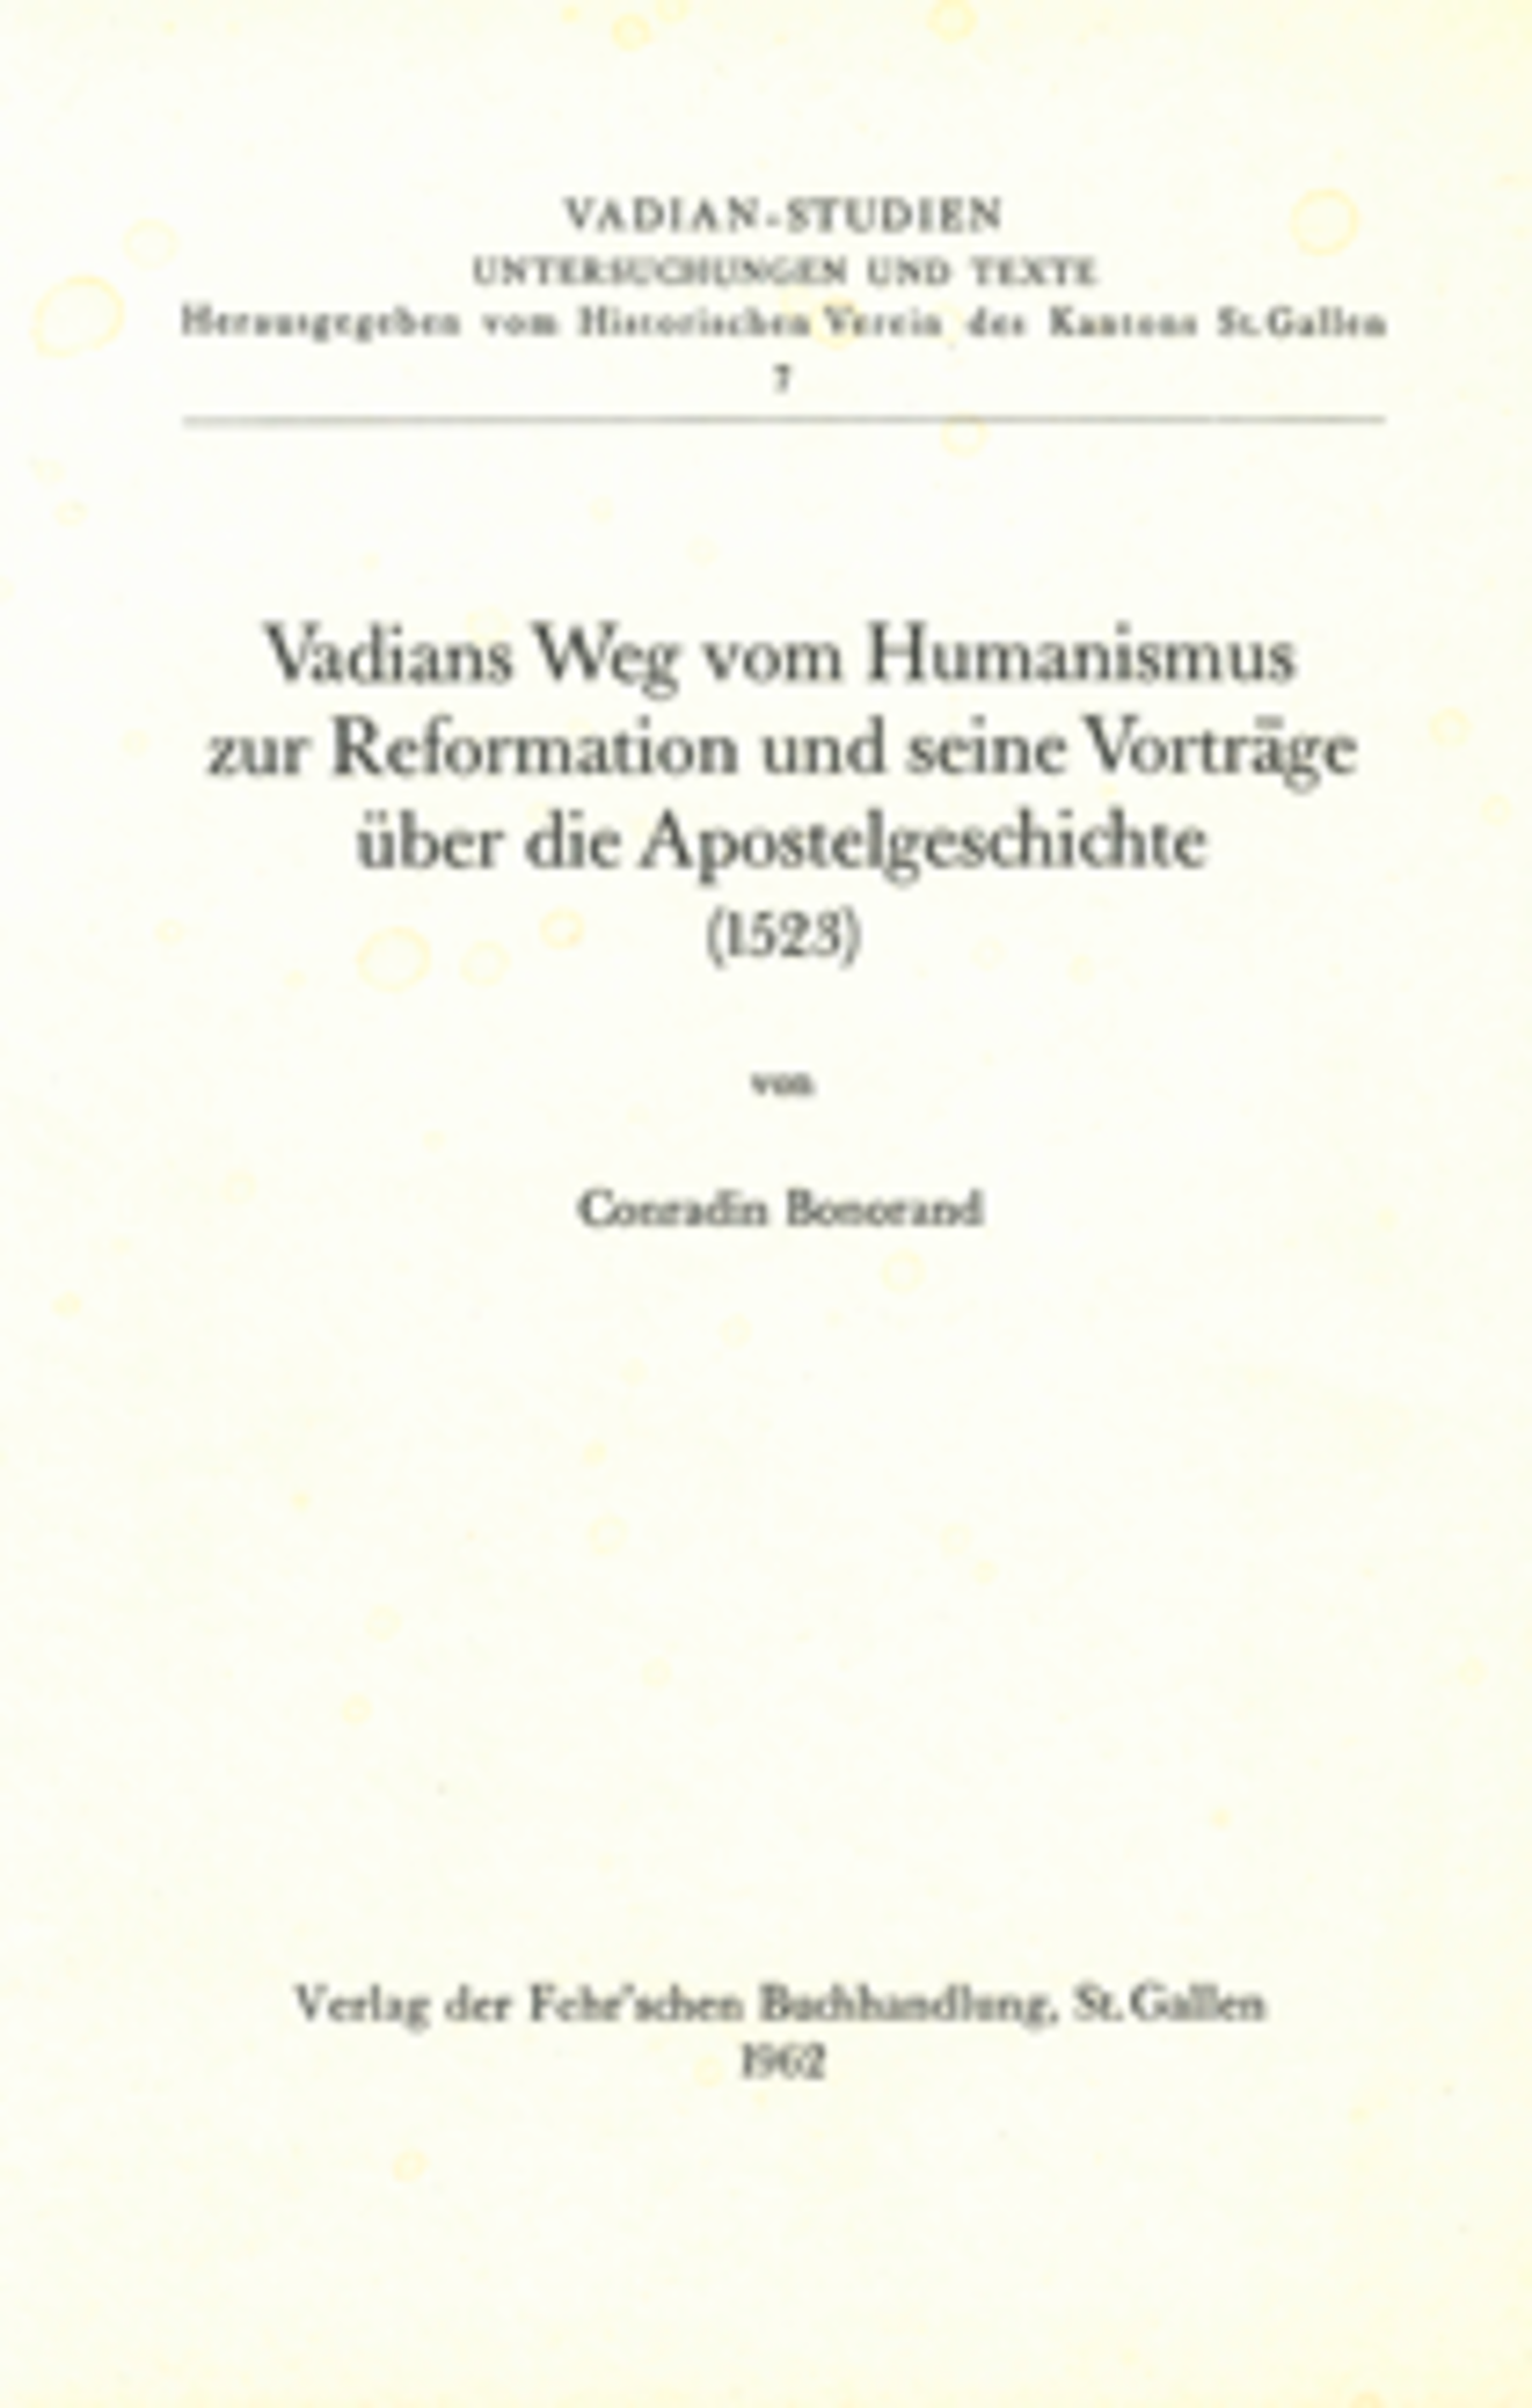 <p><p>zur Reformation und seine Vorträge über die Apo